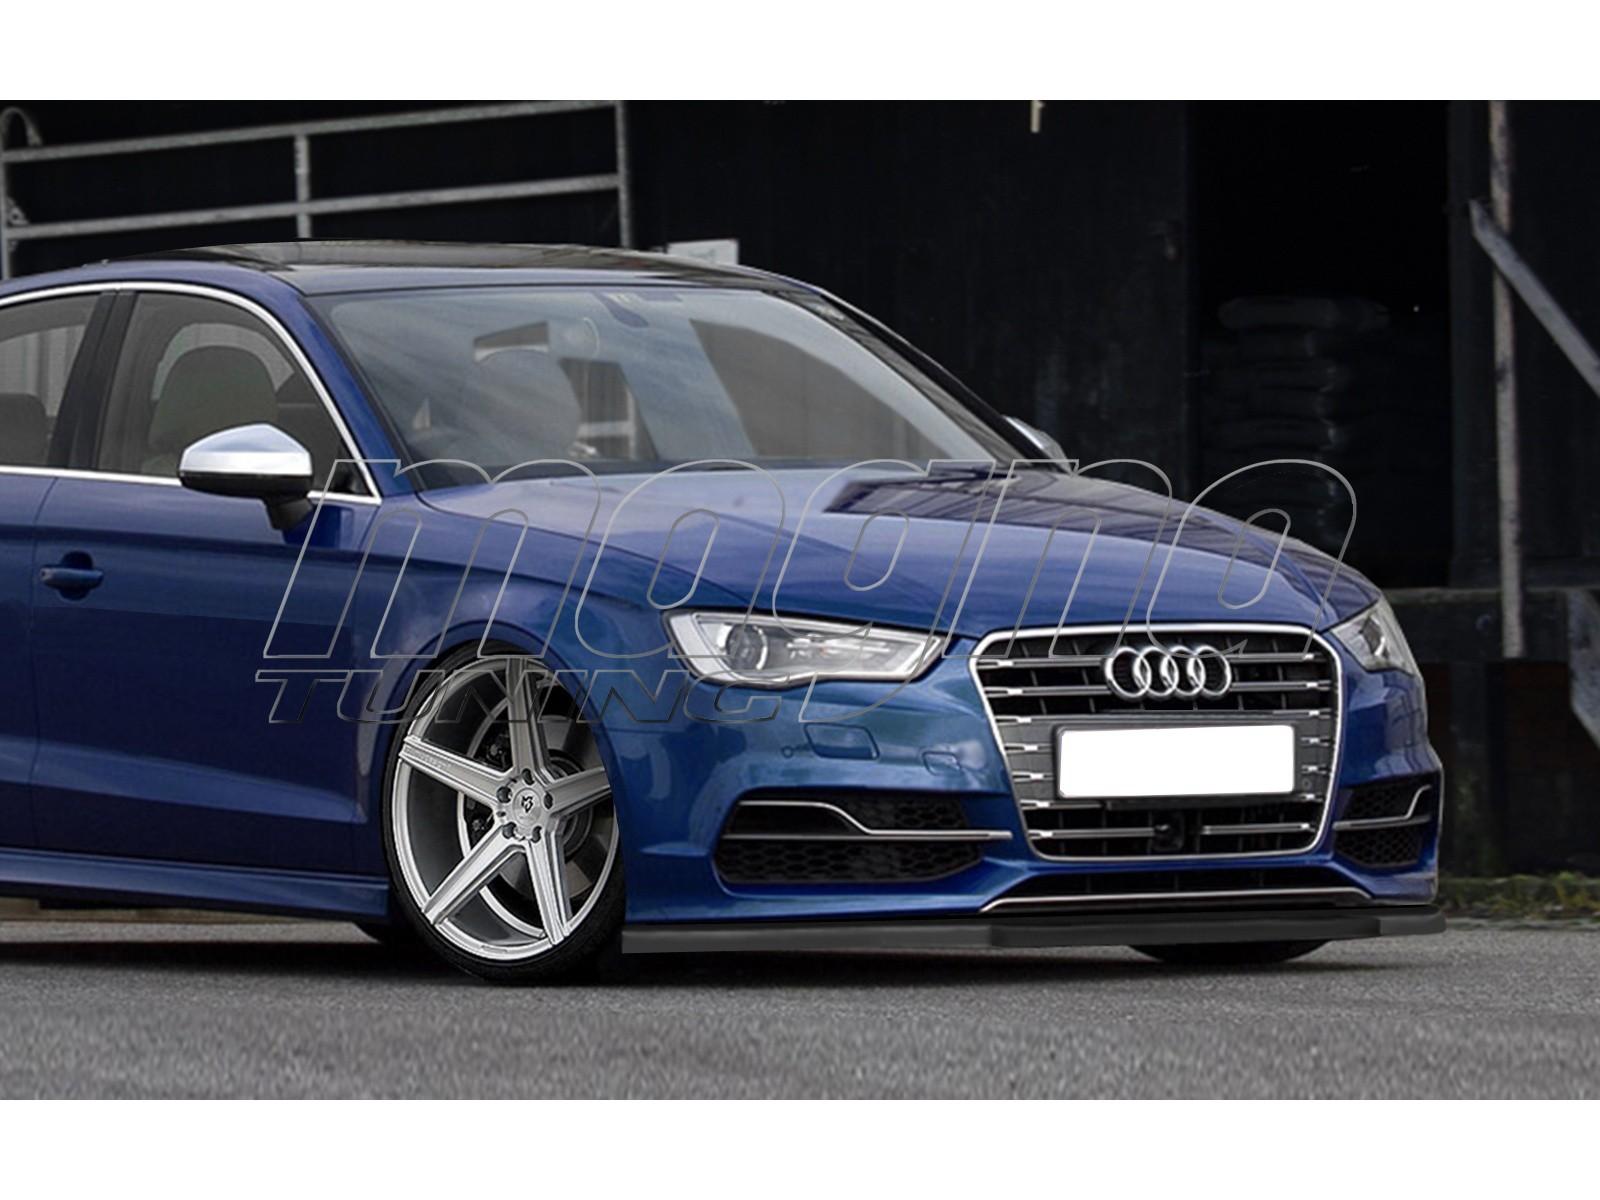 Audi A3 8V Extensie Bara Fata I-Line